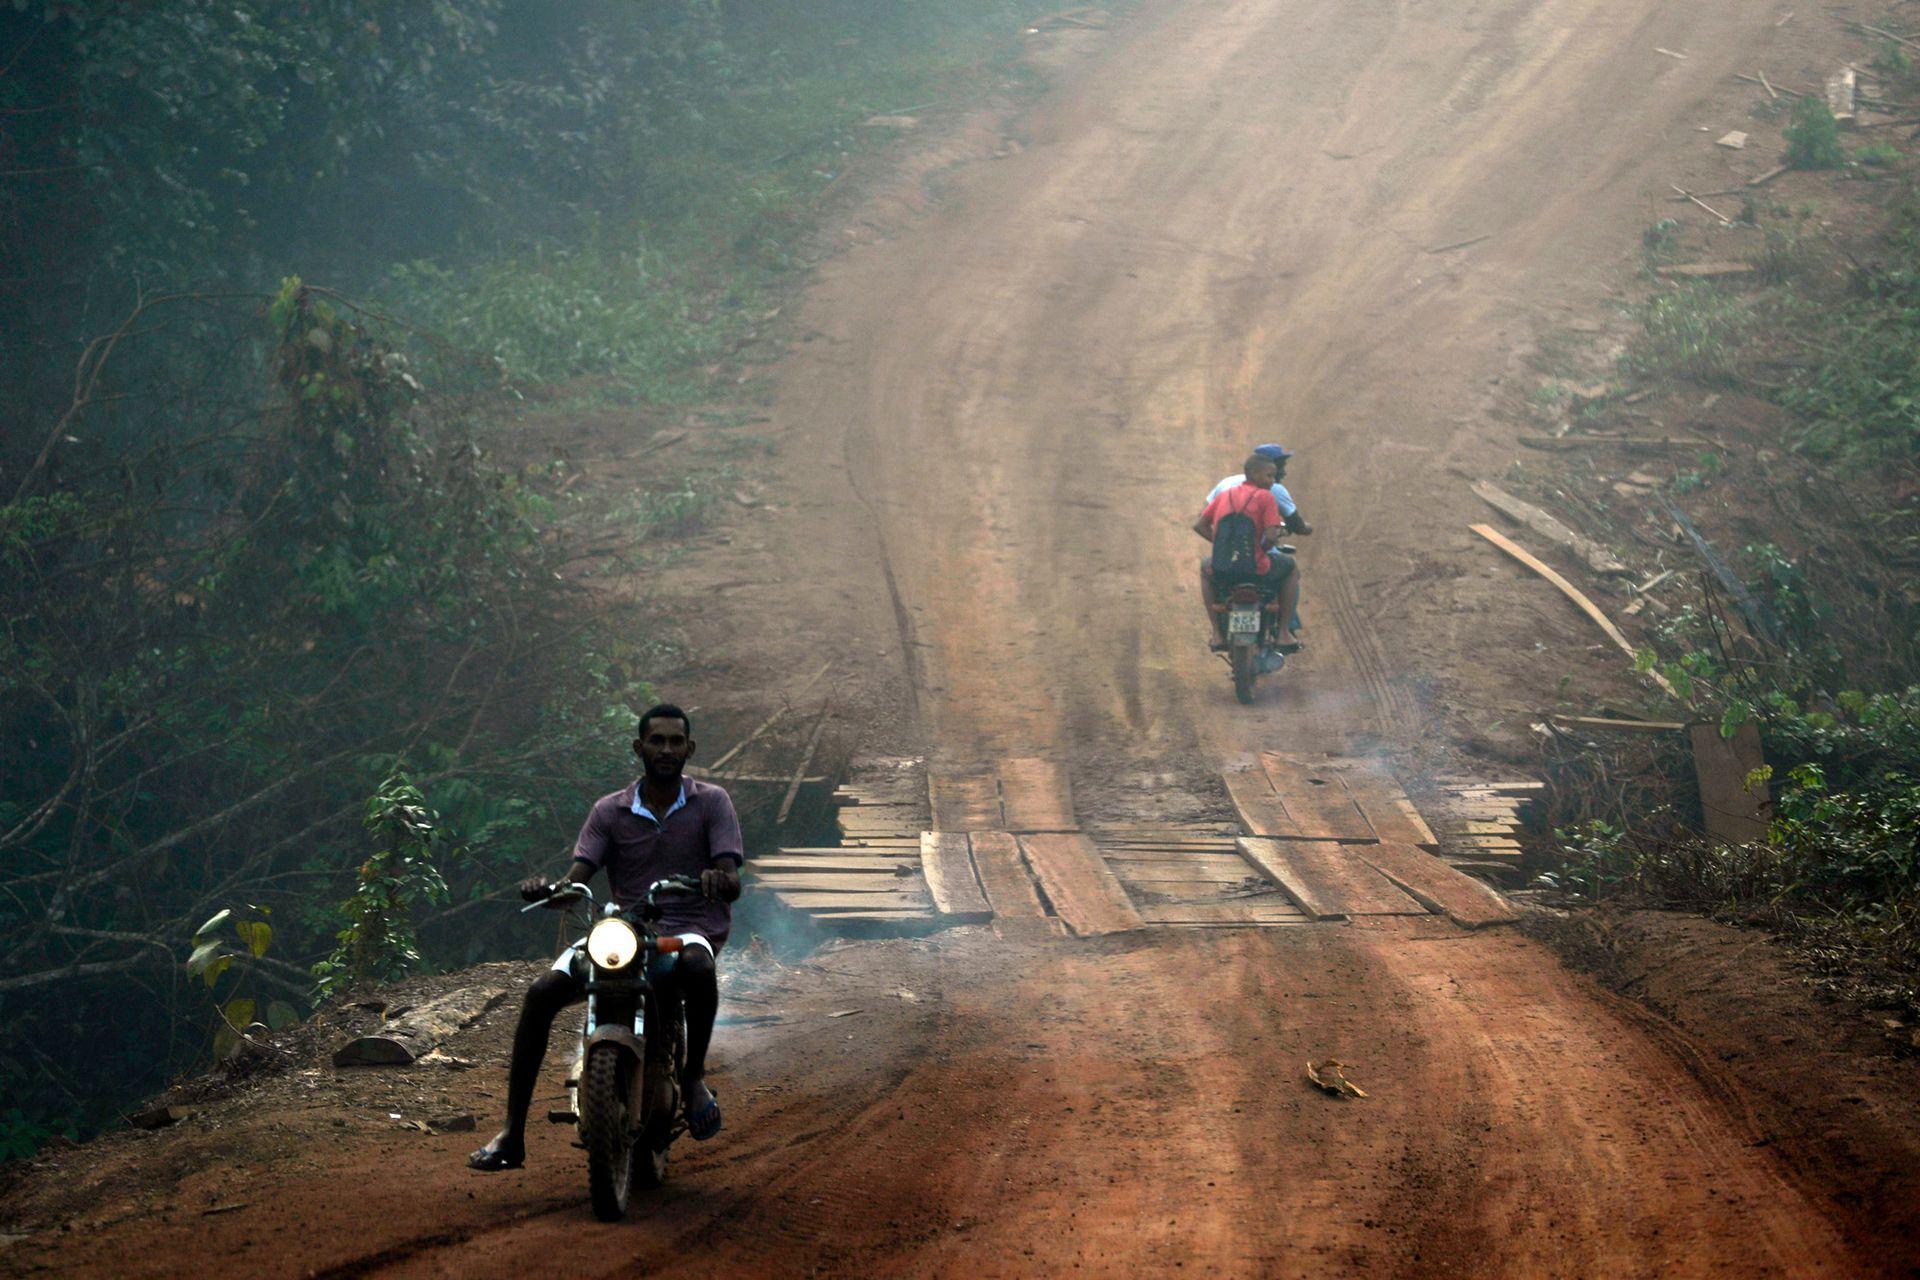 Los habitantes del Amazonas se mueven en medio del humo provocado por los incendios